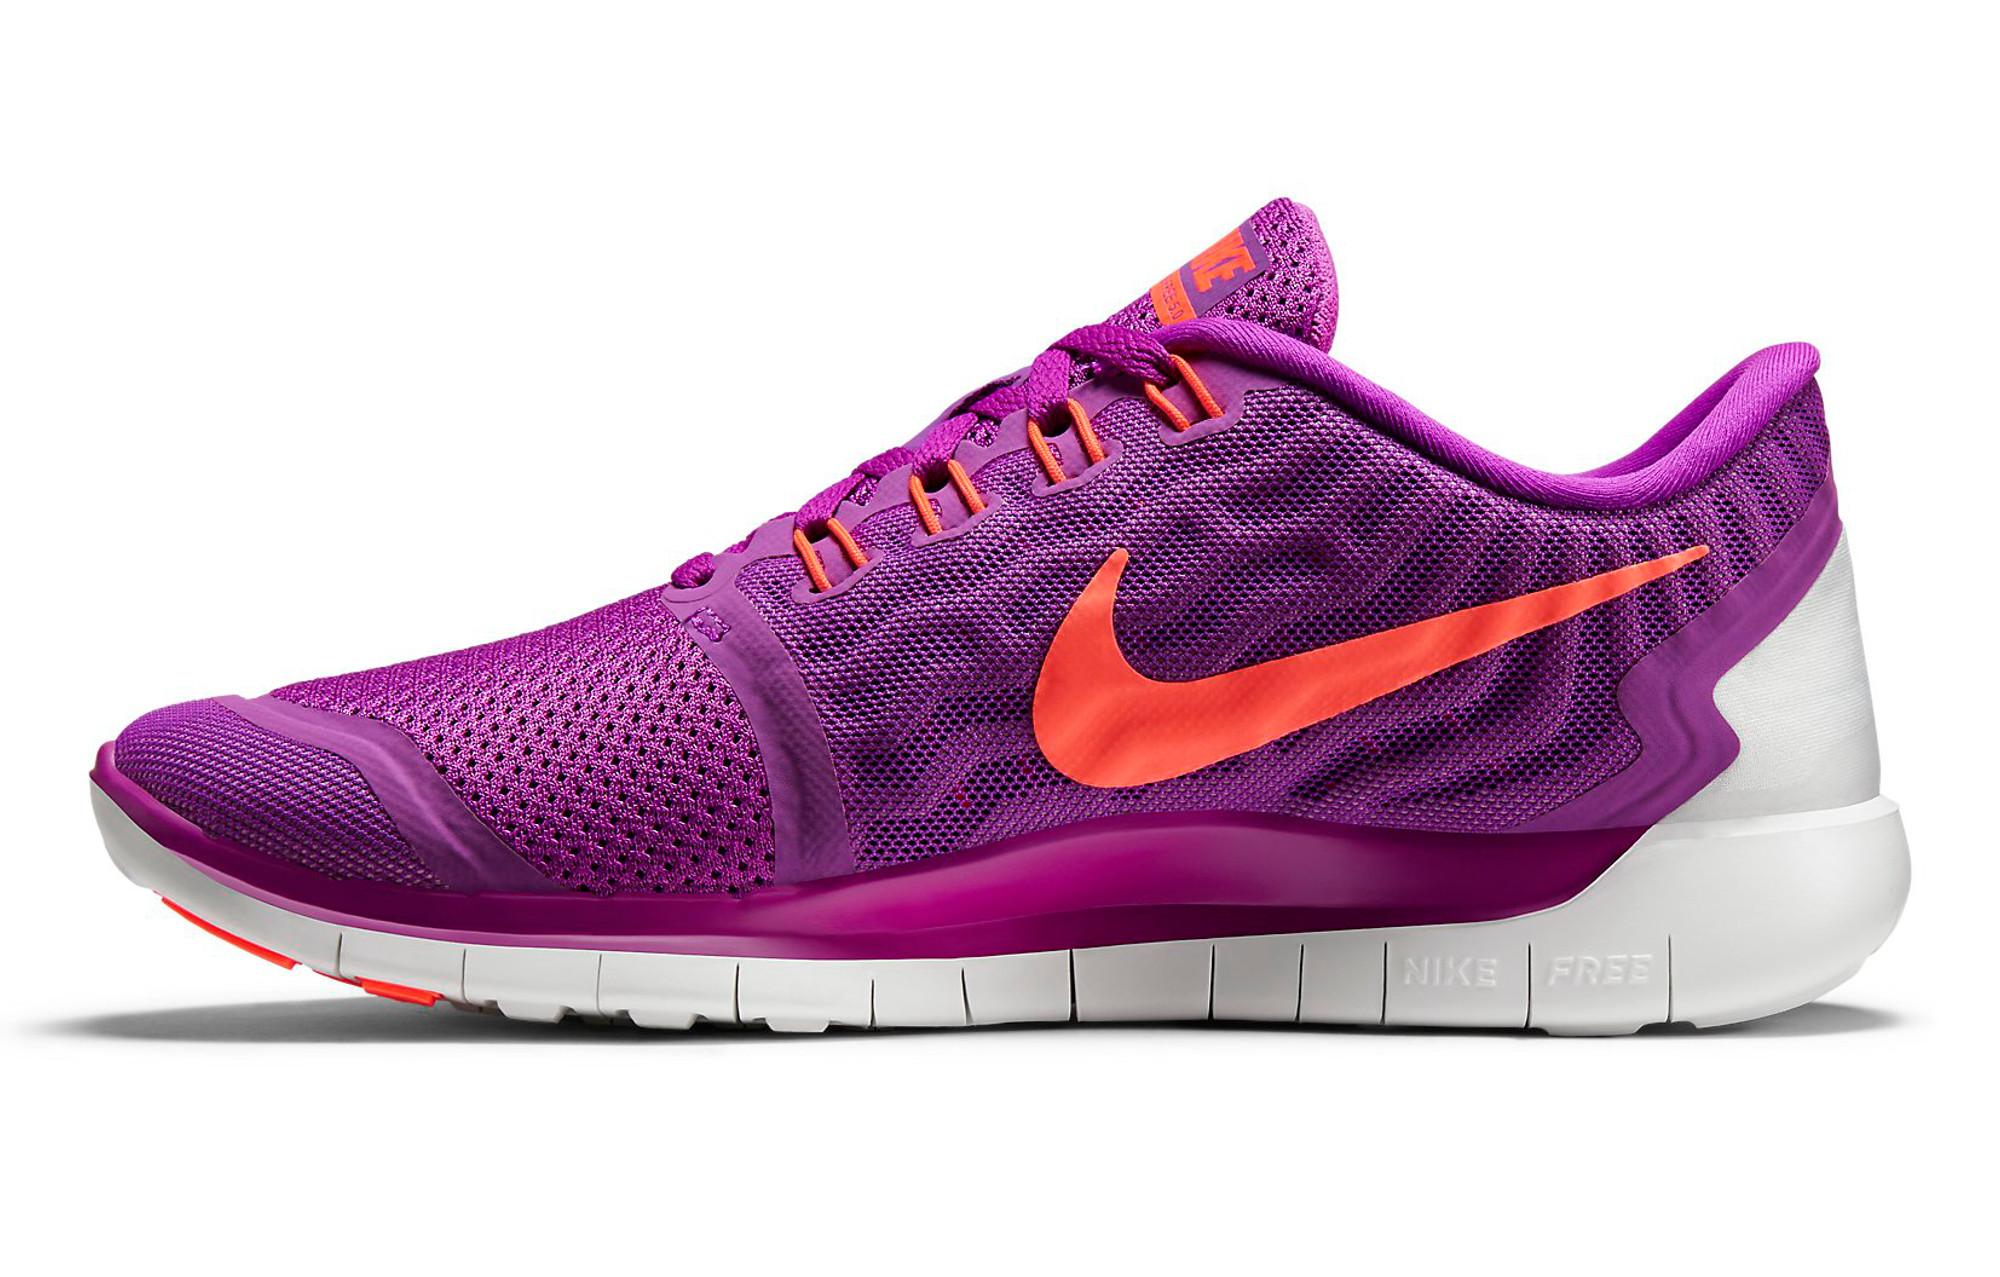 best website b53a8 13eea Chaussures de Running Femme Nike FREE 5.0 Violet